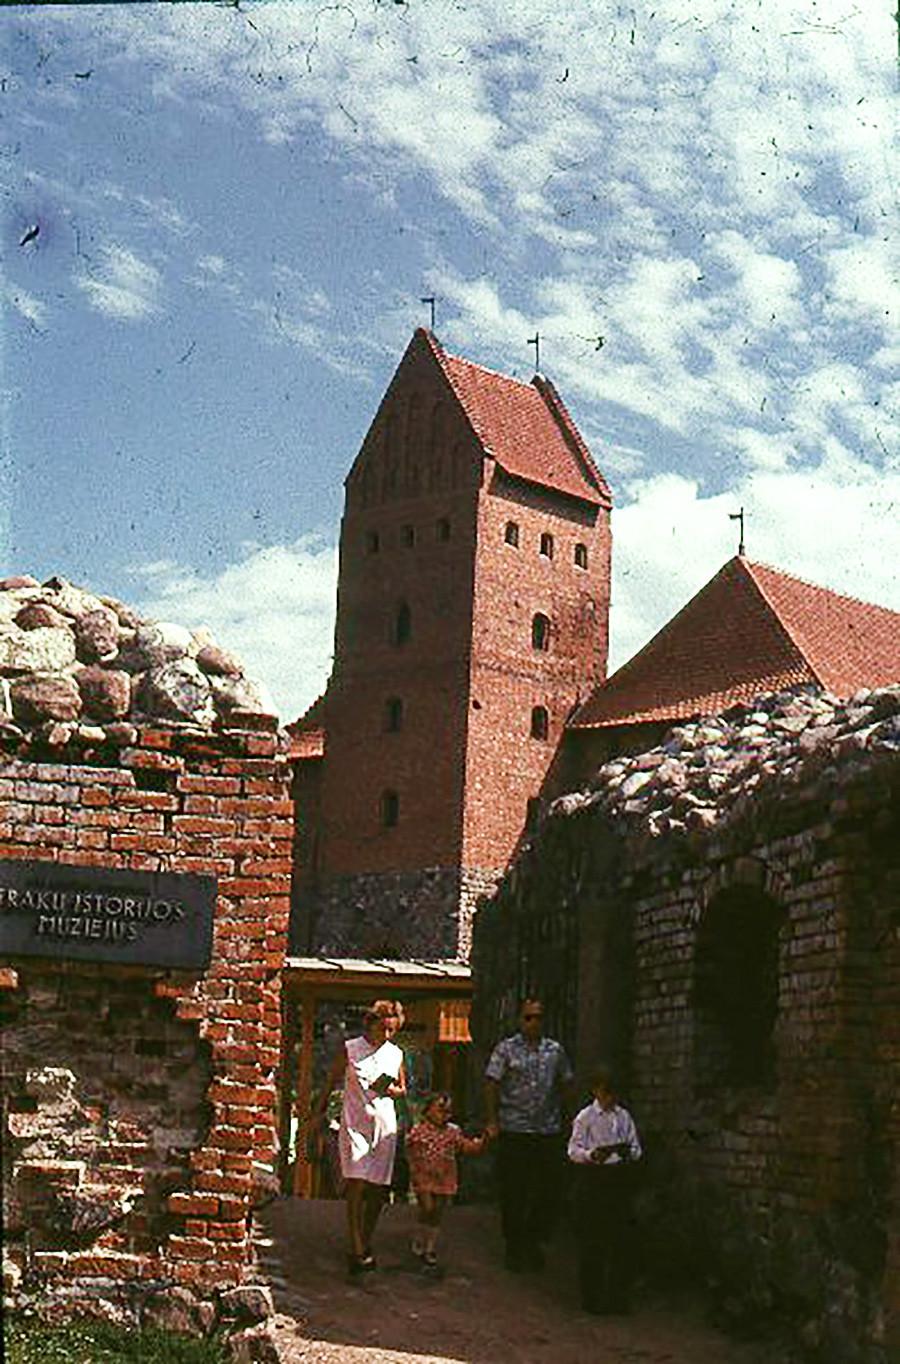 Trakajski grad. Posneto 1965-1969. Trakajski grad je zgradil Kejstut v 1370h na obali jezera Galve (ali Trokajskega jezera). Uničen je bil med vojnami 1382-1383 in je bil obnovljen šele na koncu vladavine Vitouta. Grad je bil dokončan leta 1409.